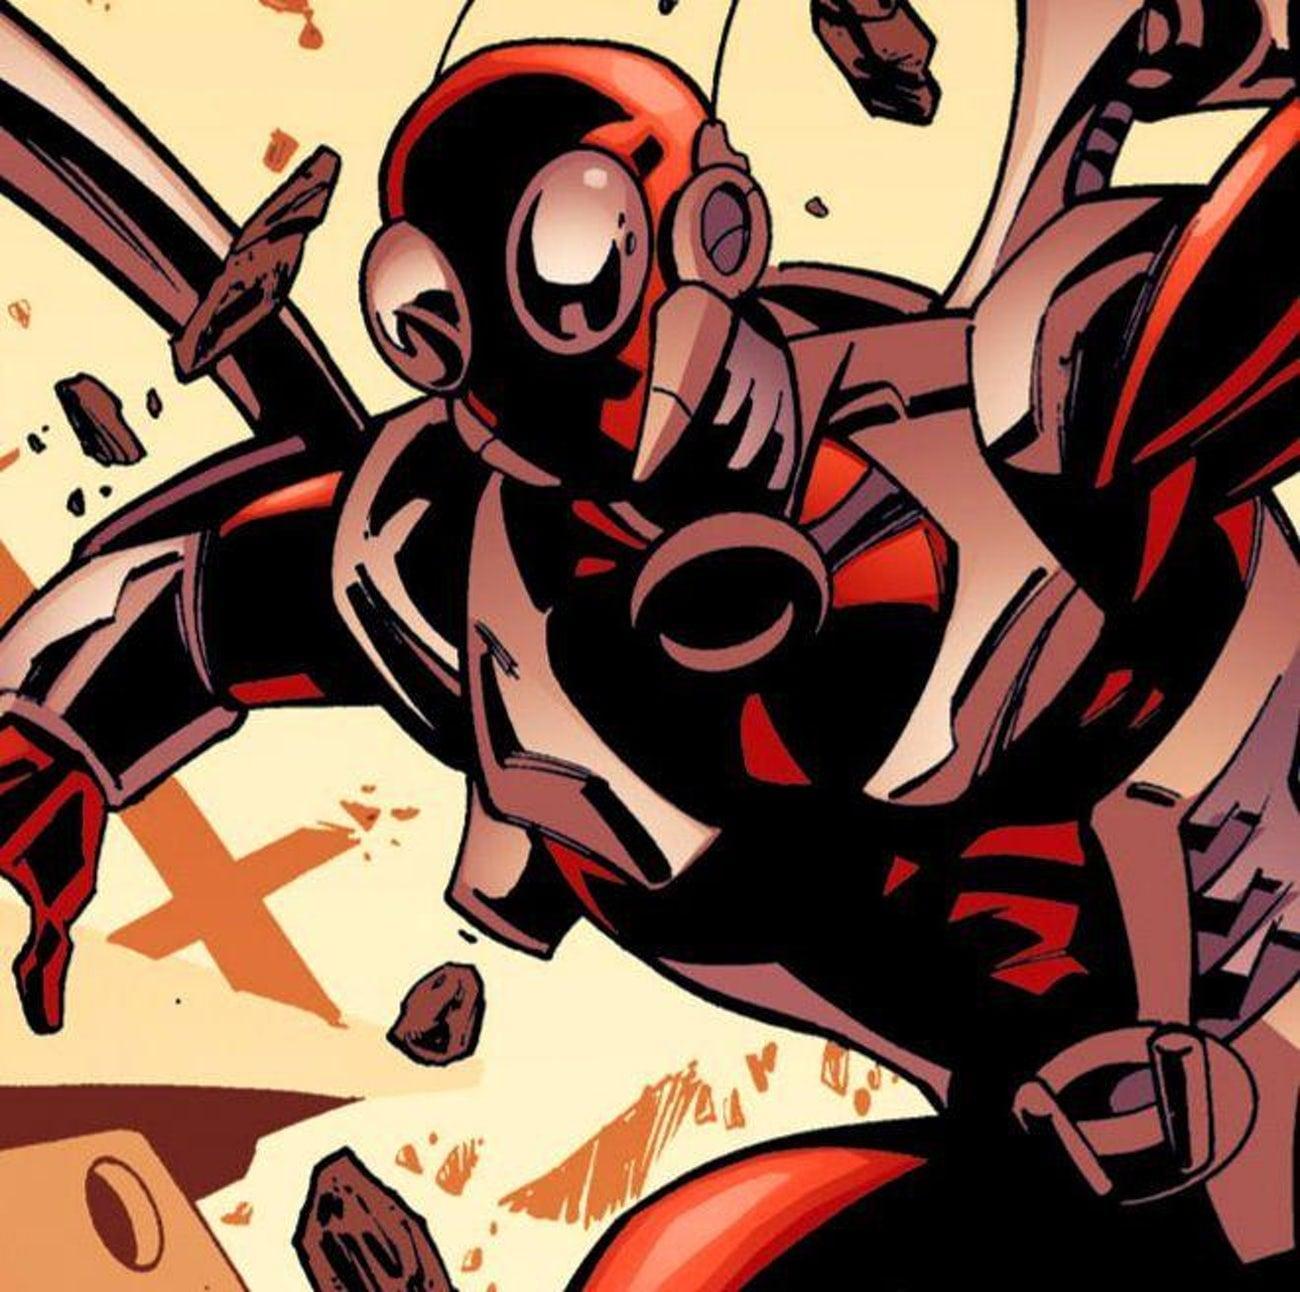 Человек-муравей (Эрик О'Грэйди) занял 11 место в списке 15 супергероев, которым уже нужно воскресение!